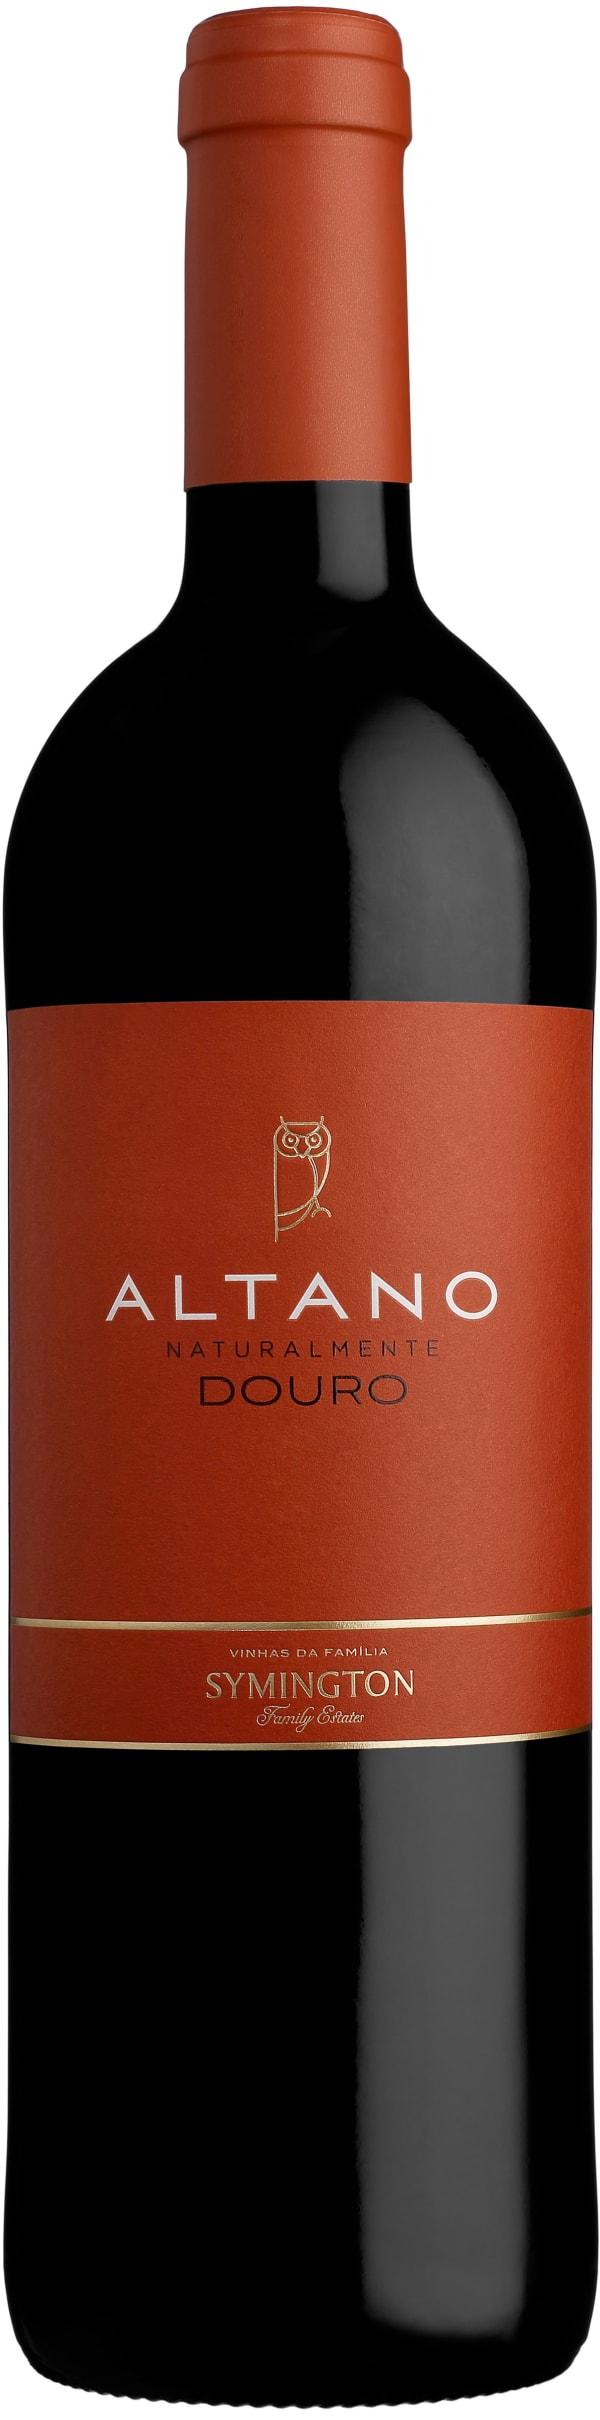 Symington Altano Vinho Tinto 2016